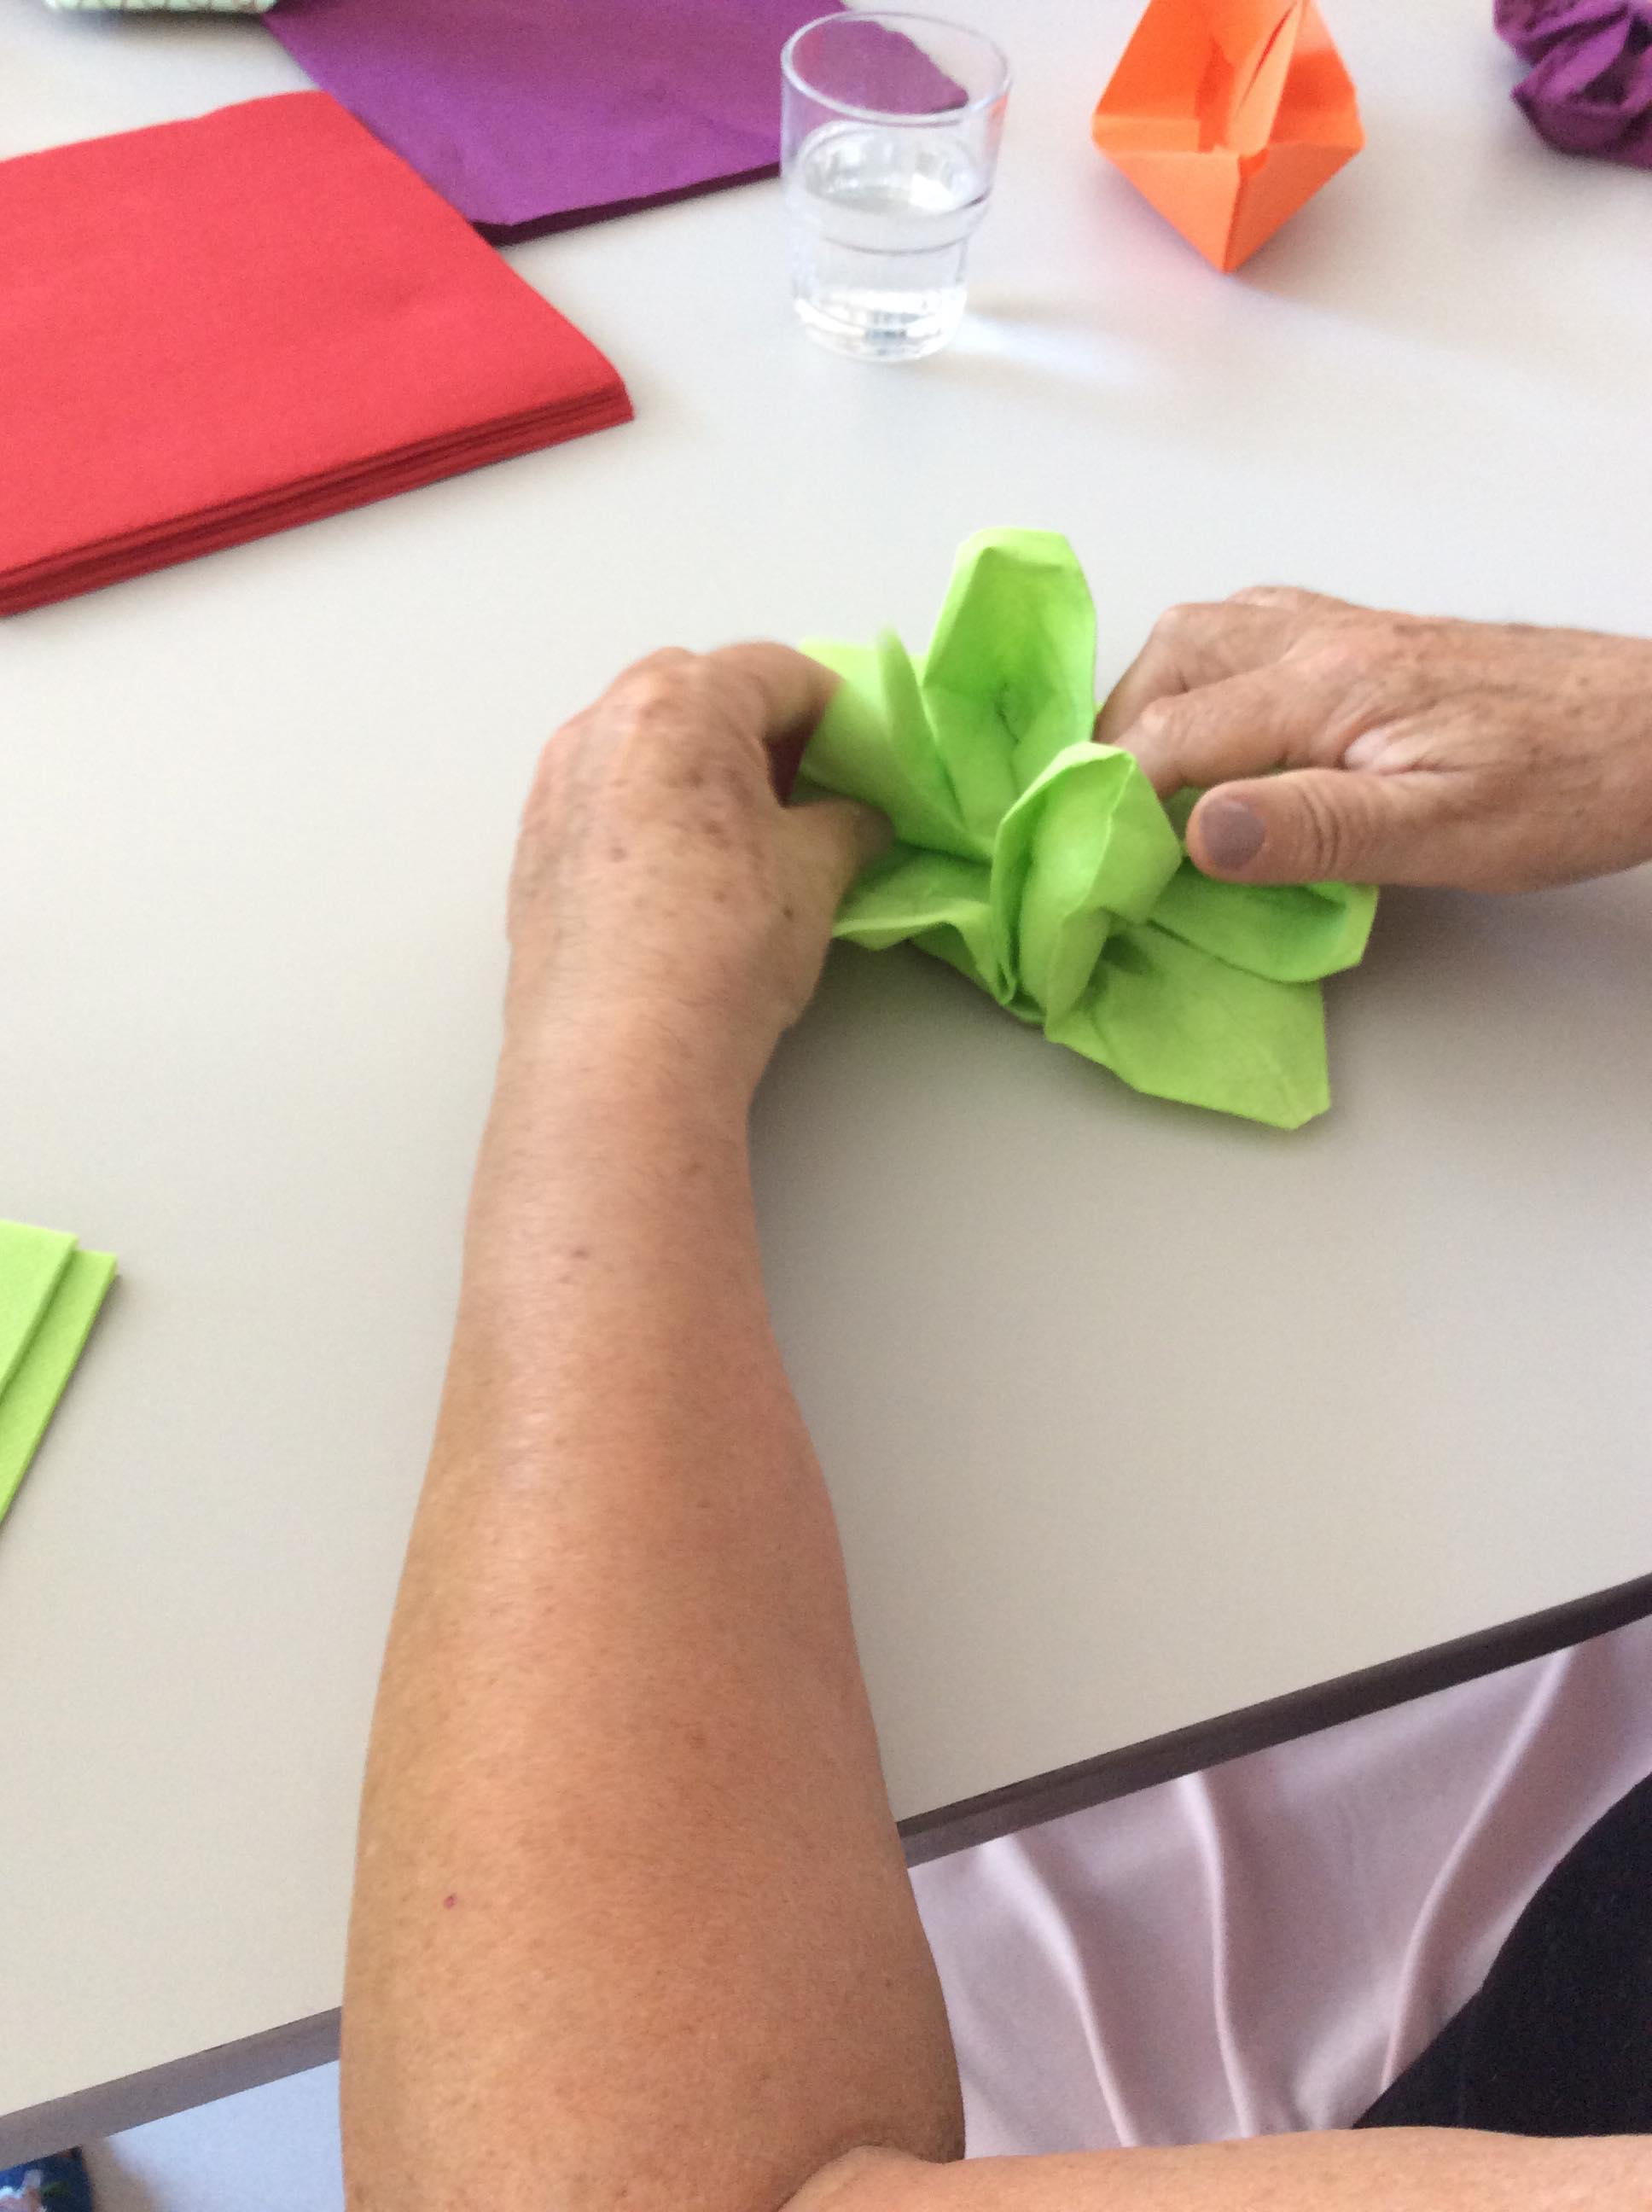 atelier gérontospychiatrie, personne âgée pliant un lotus avec l'aide d'un soignant